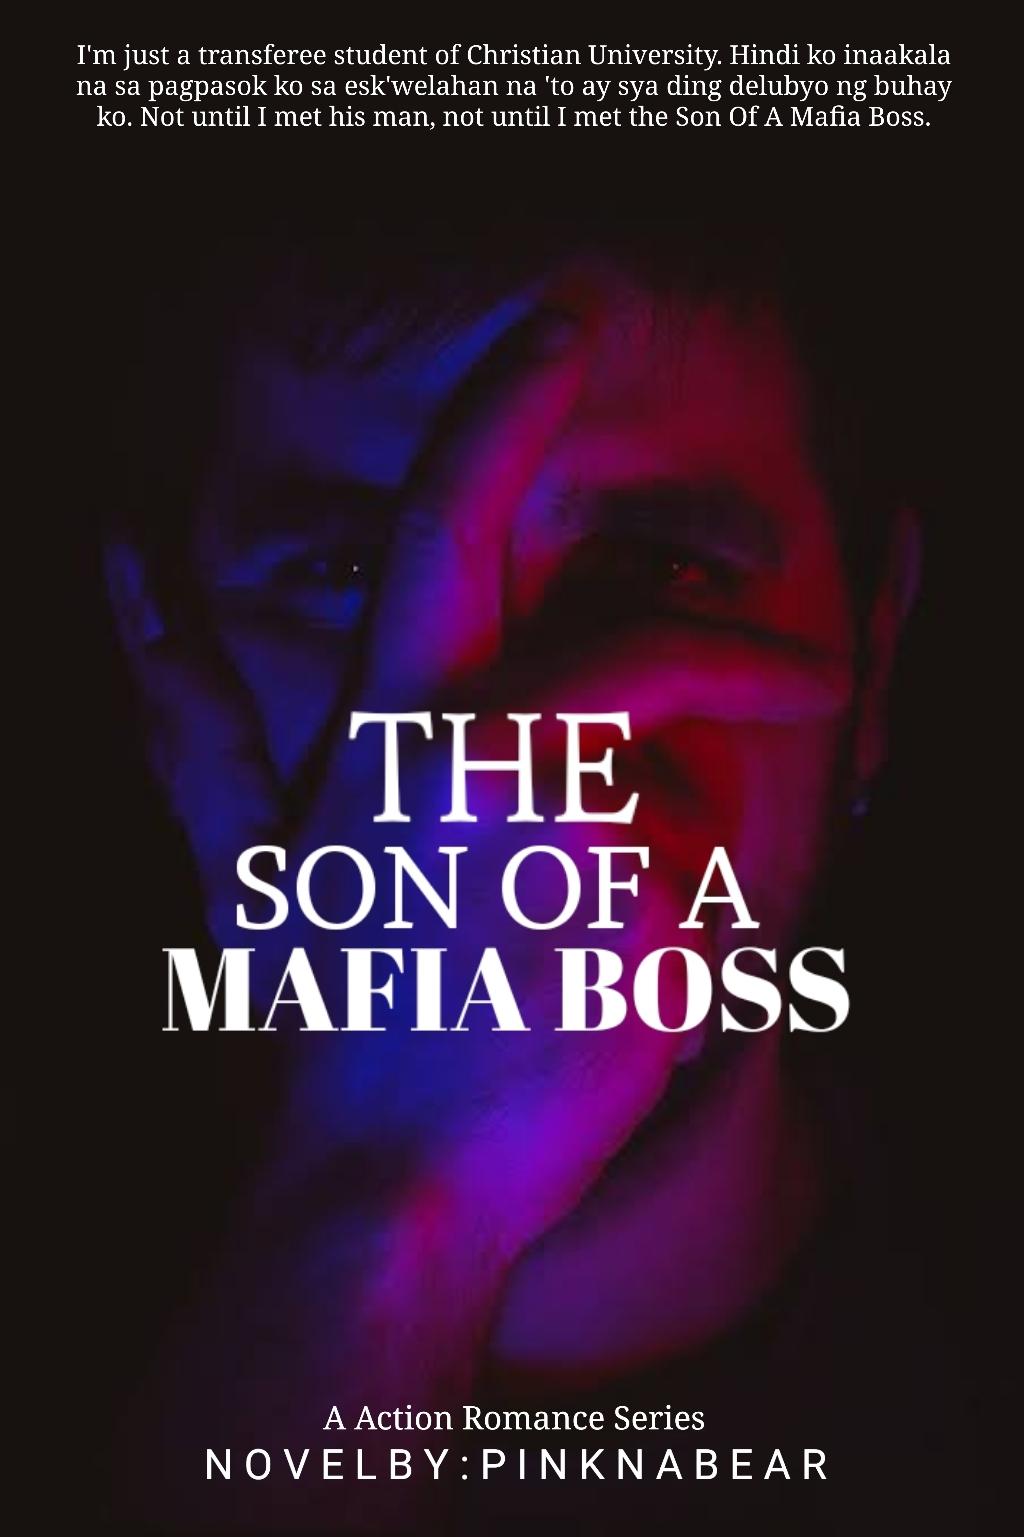 THE SON OF A MAFIA BOSS